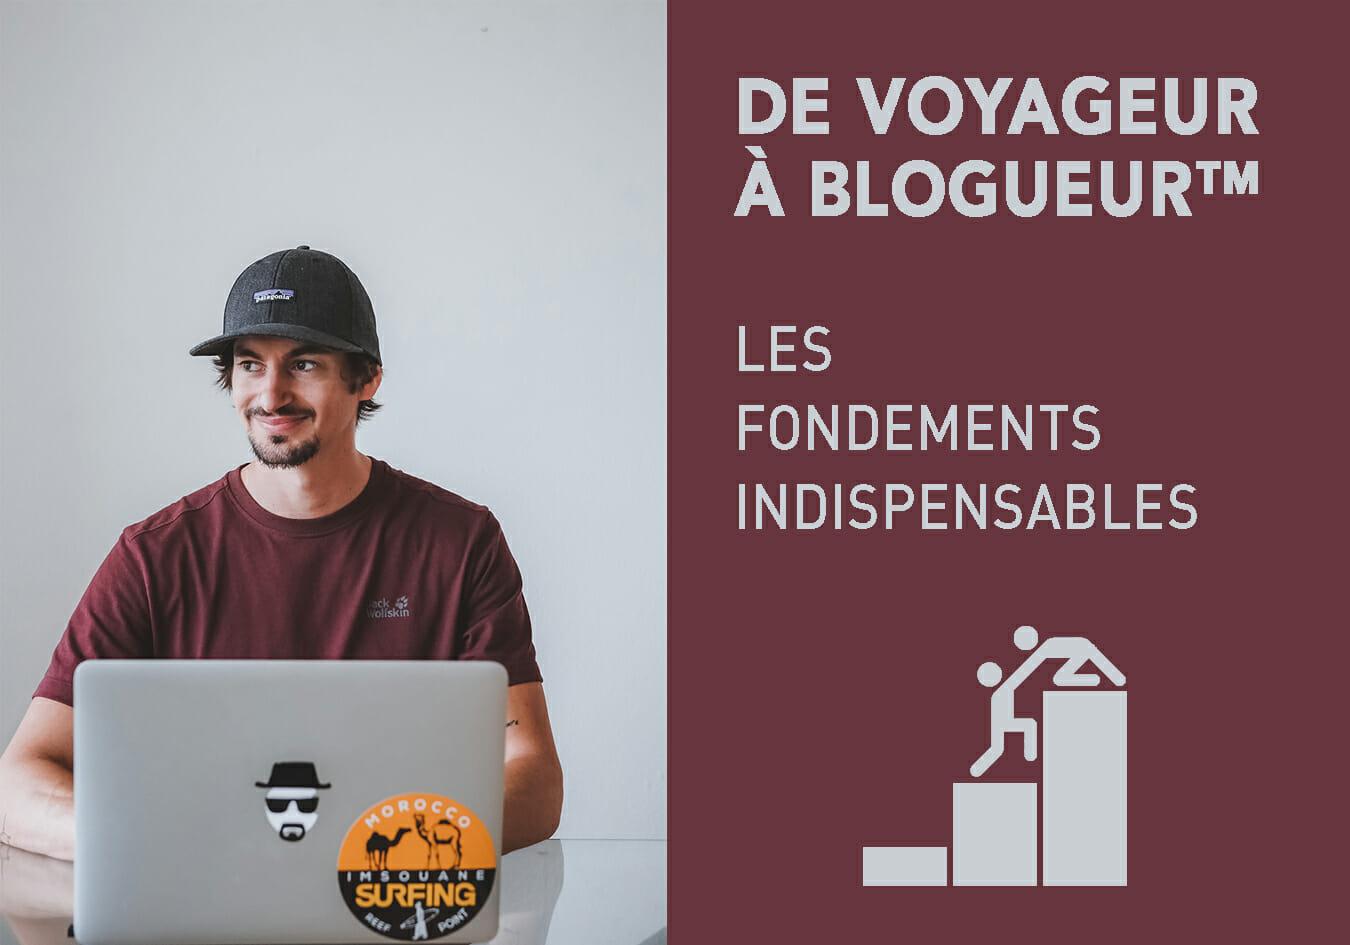 formation-creer-blog-voyage-carnet-ligne